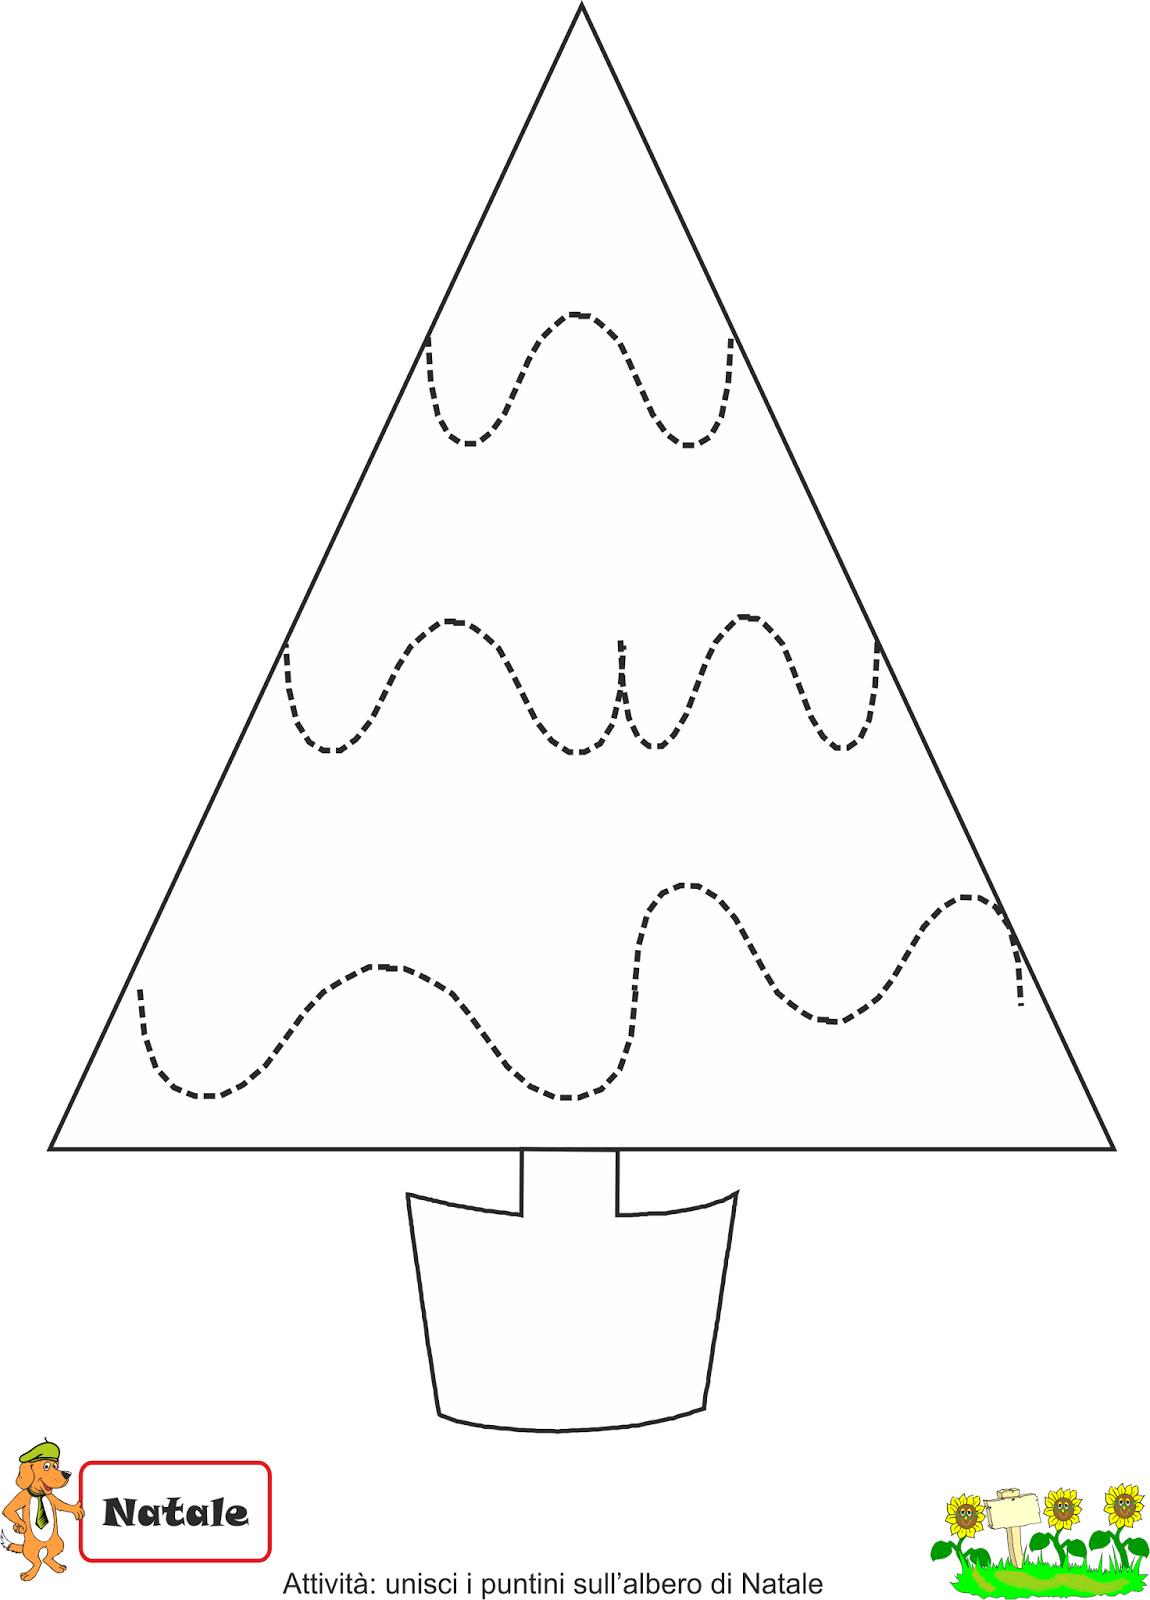 Natale a gran bosco natal kids rugs colour images e for Schede didattiche natale scuola dell infanzia